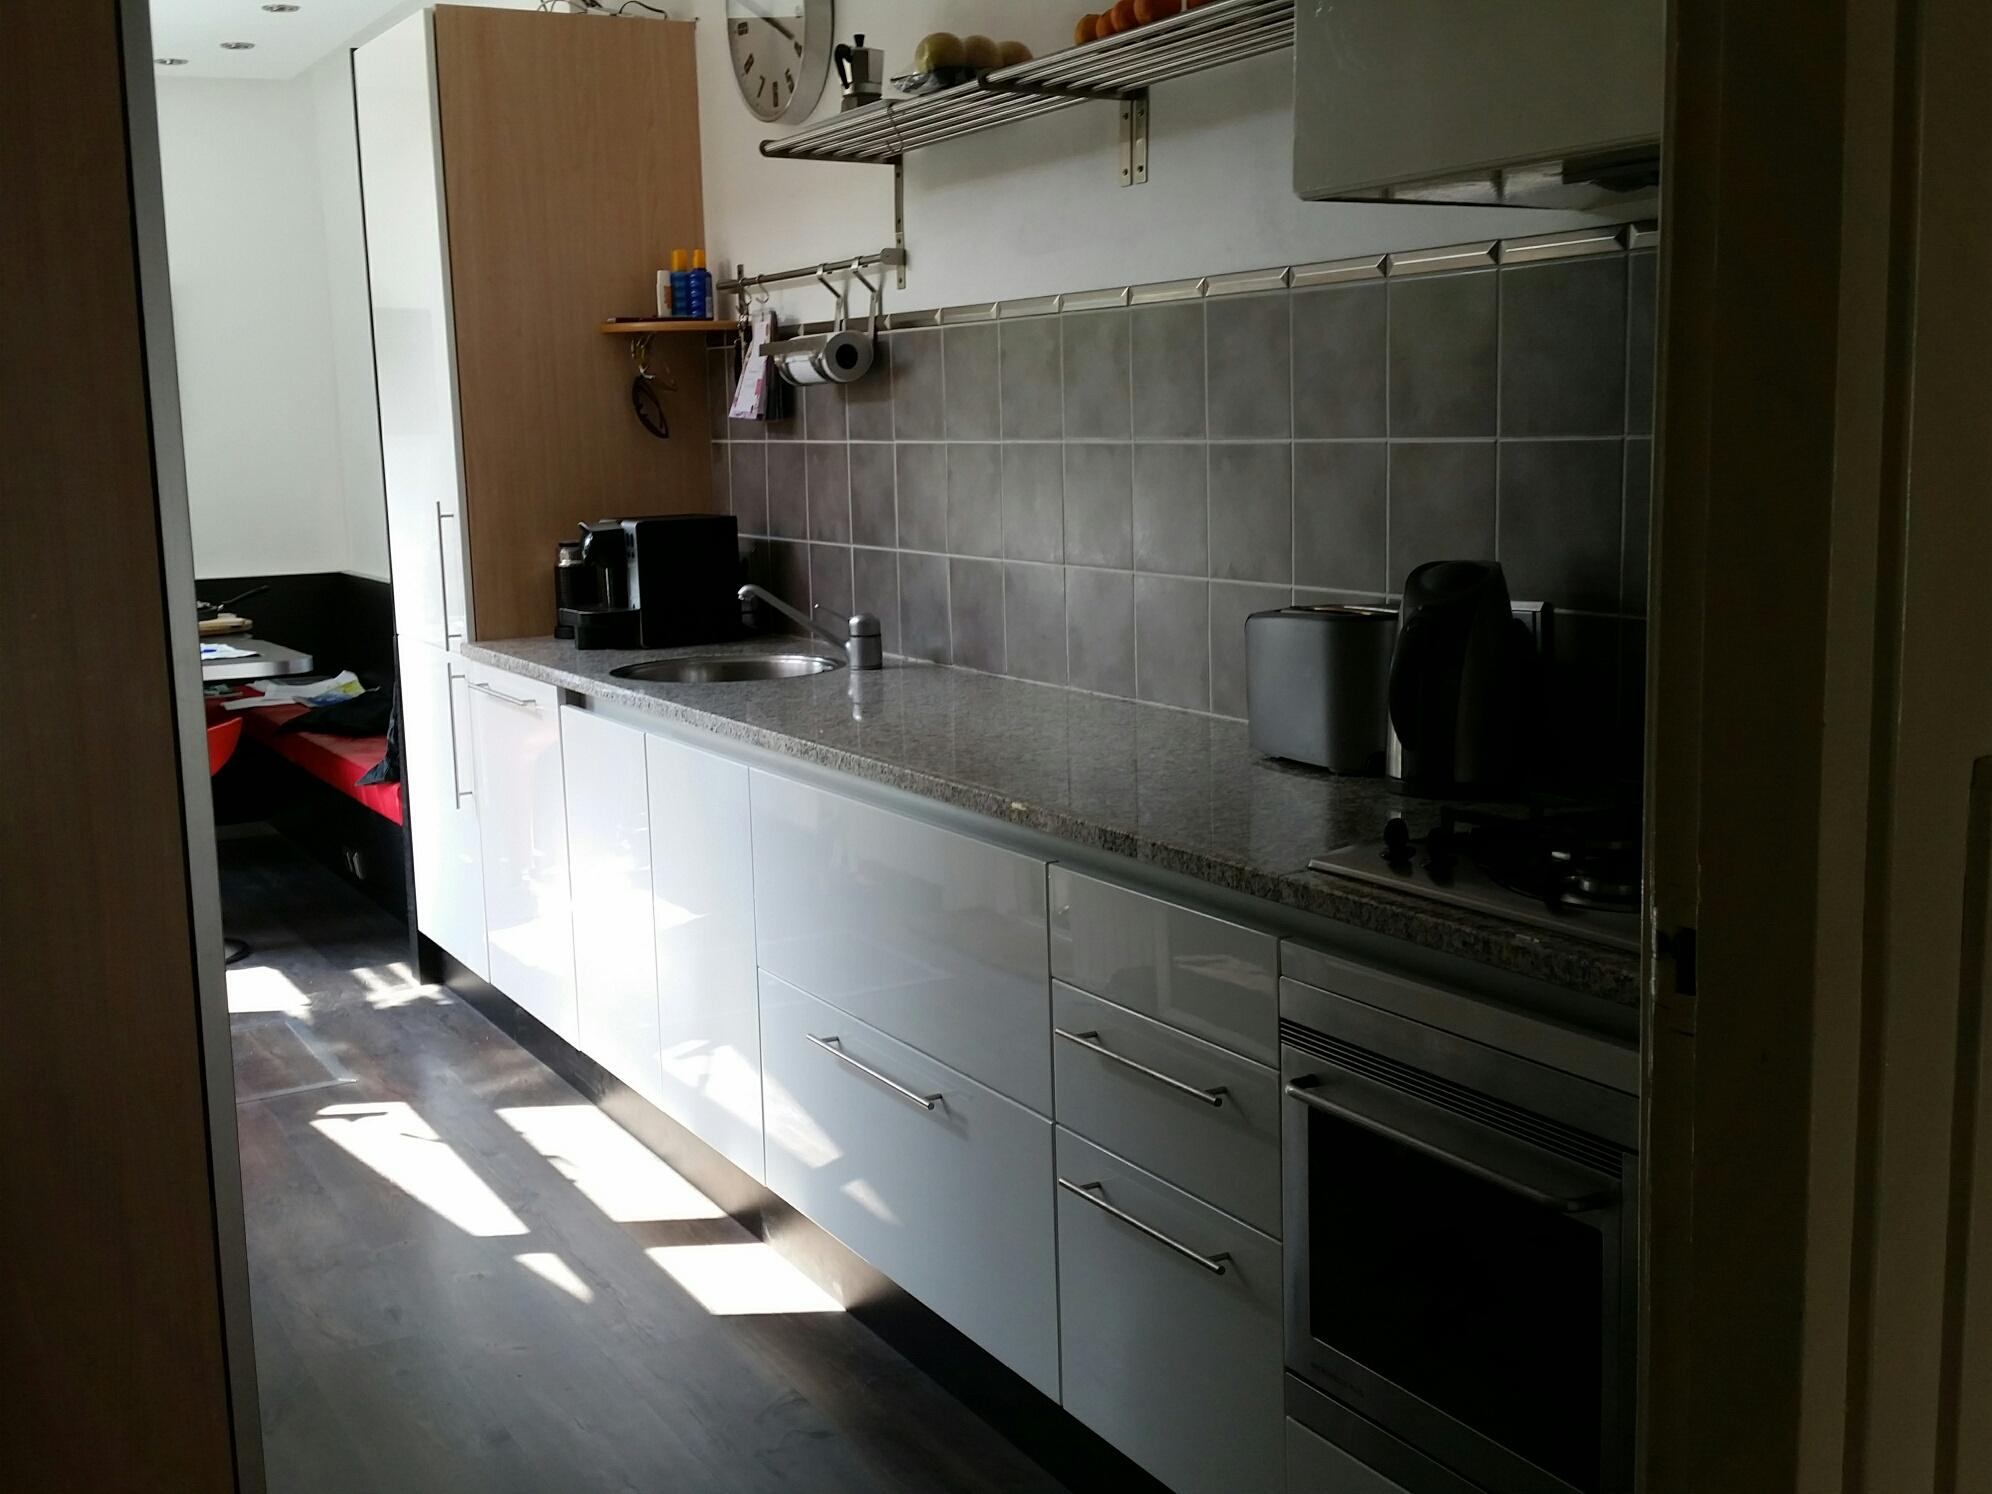 Keuken Renoveren Kosten : Kosten keuken renoveren best inspirerend voorraden van zelf